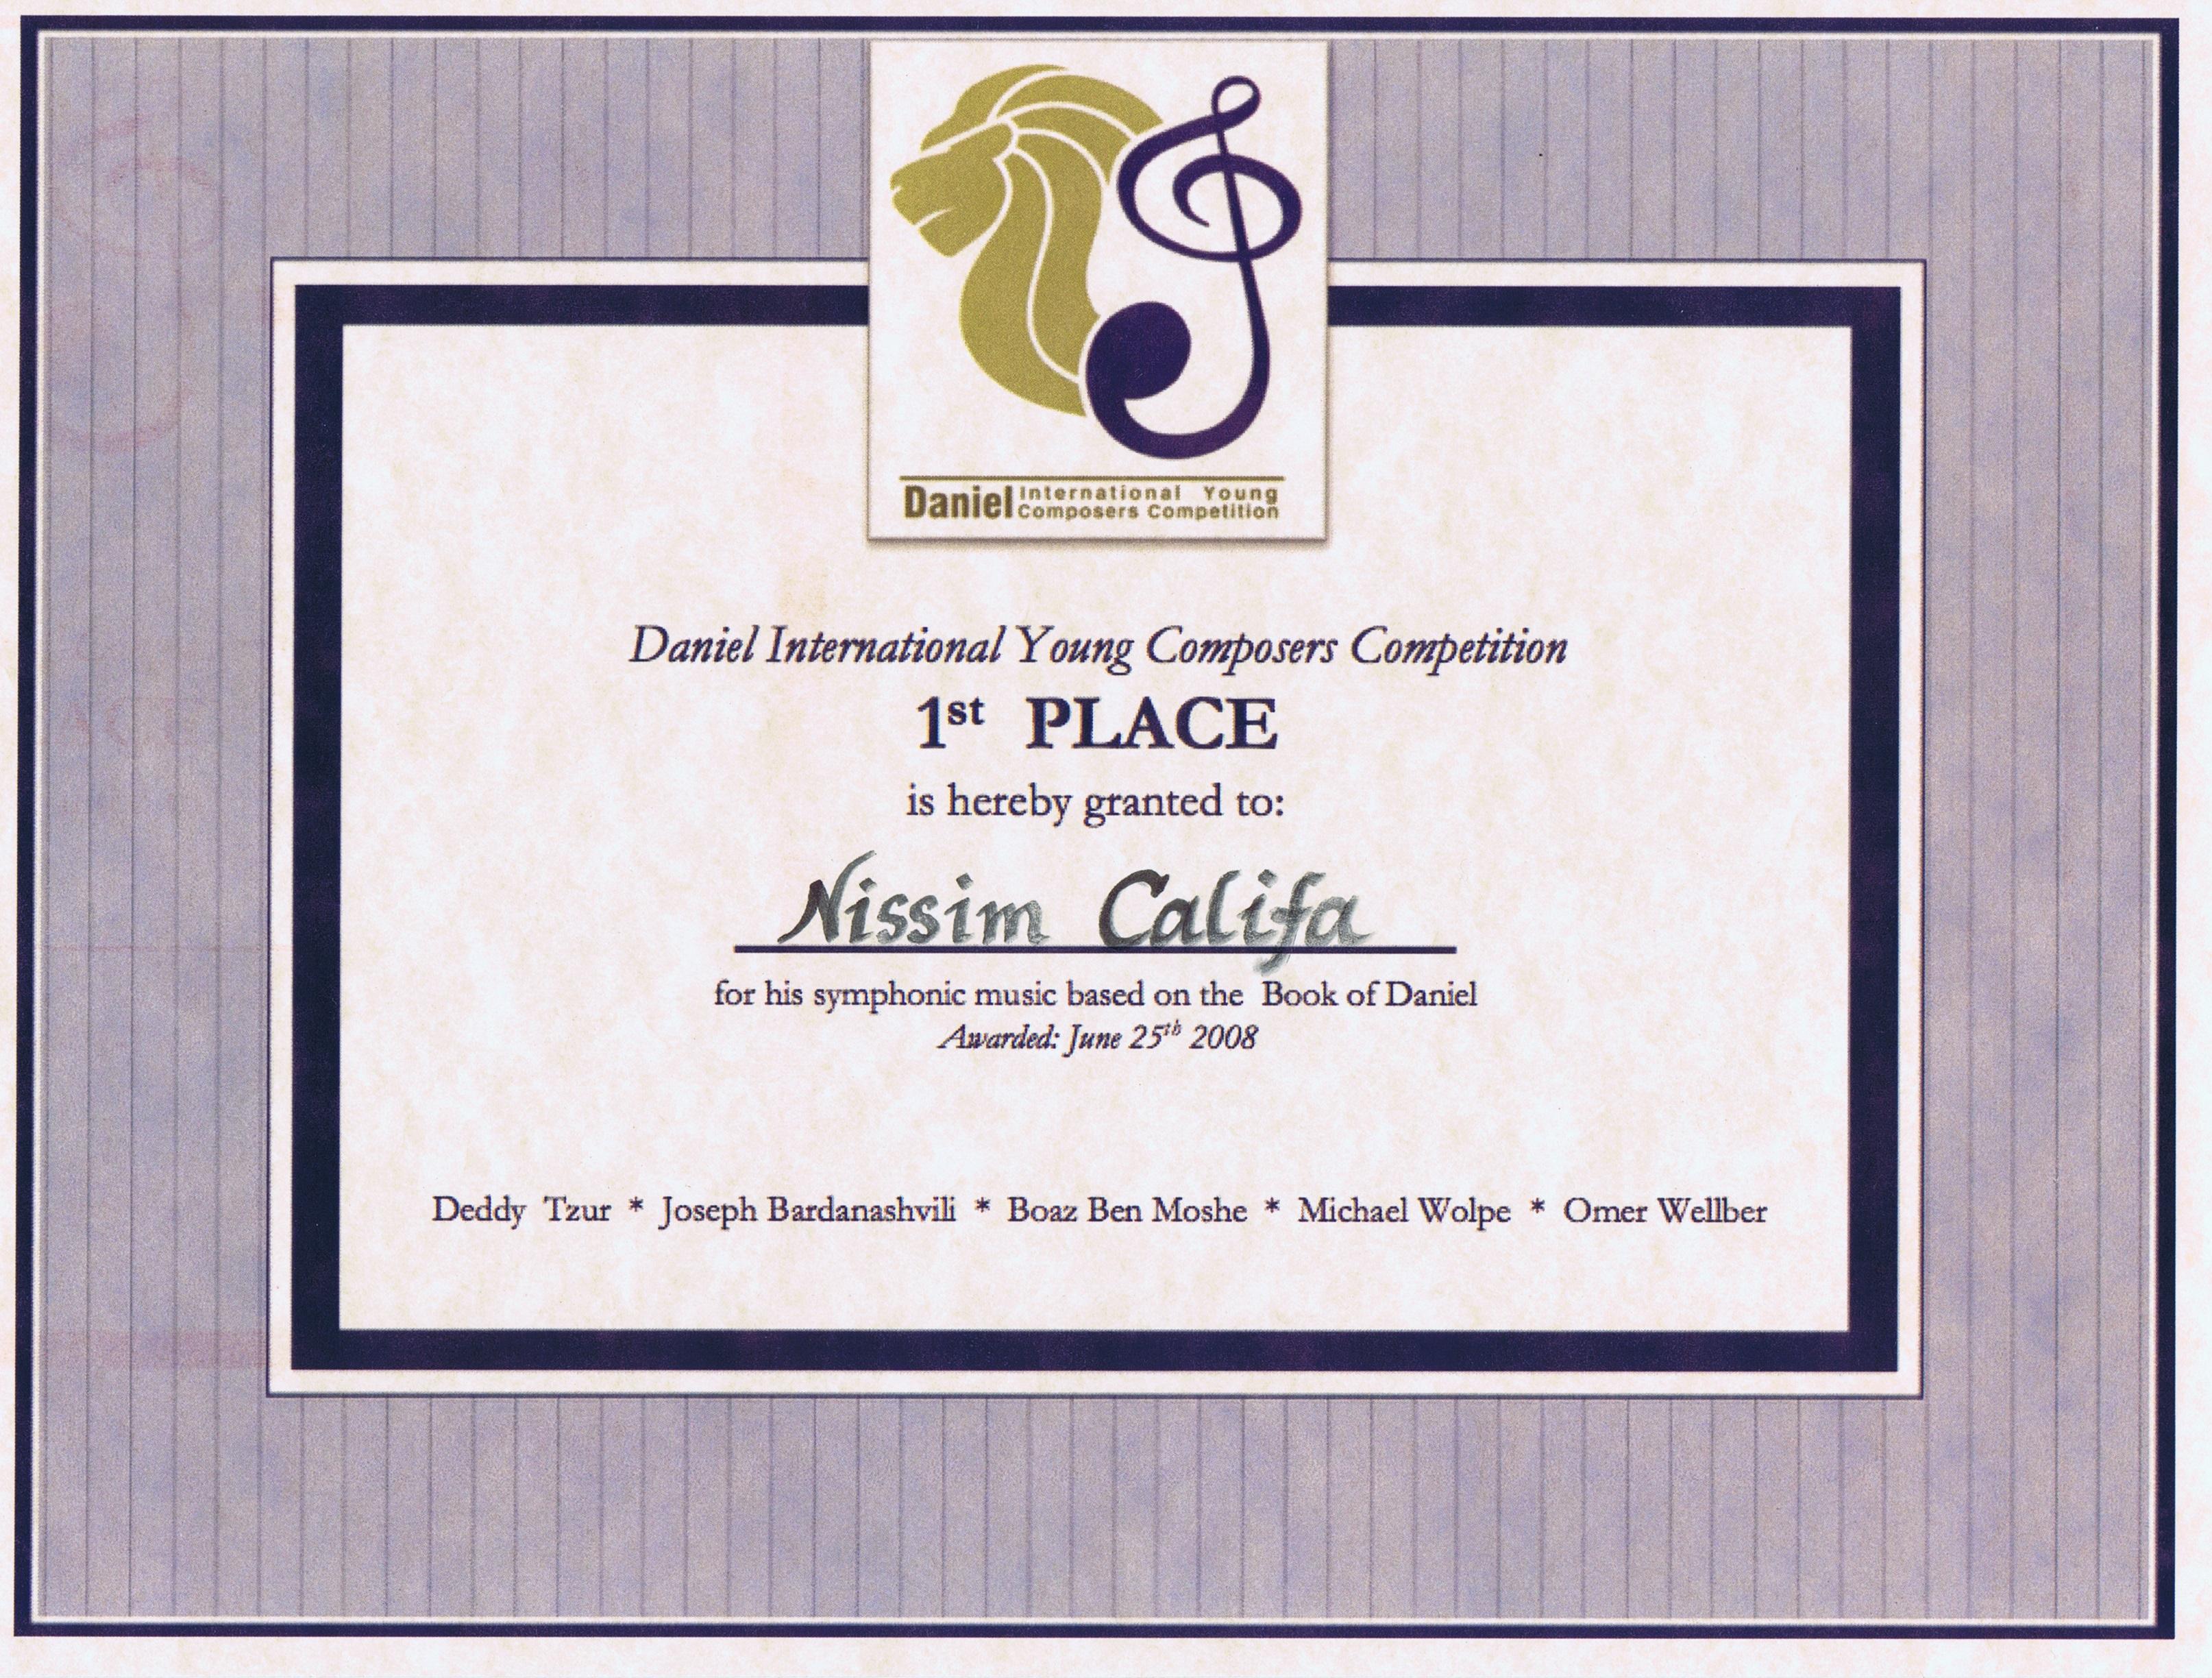 תעודת פרס ראשון בתחרות דניאל.jpg